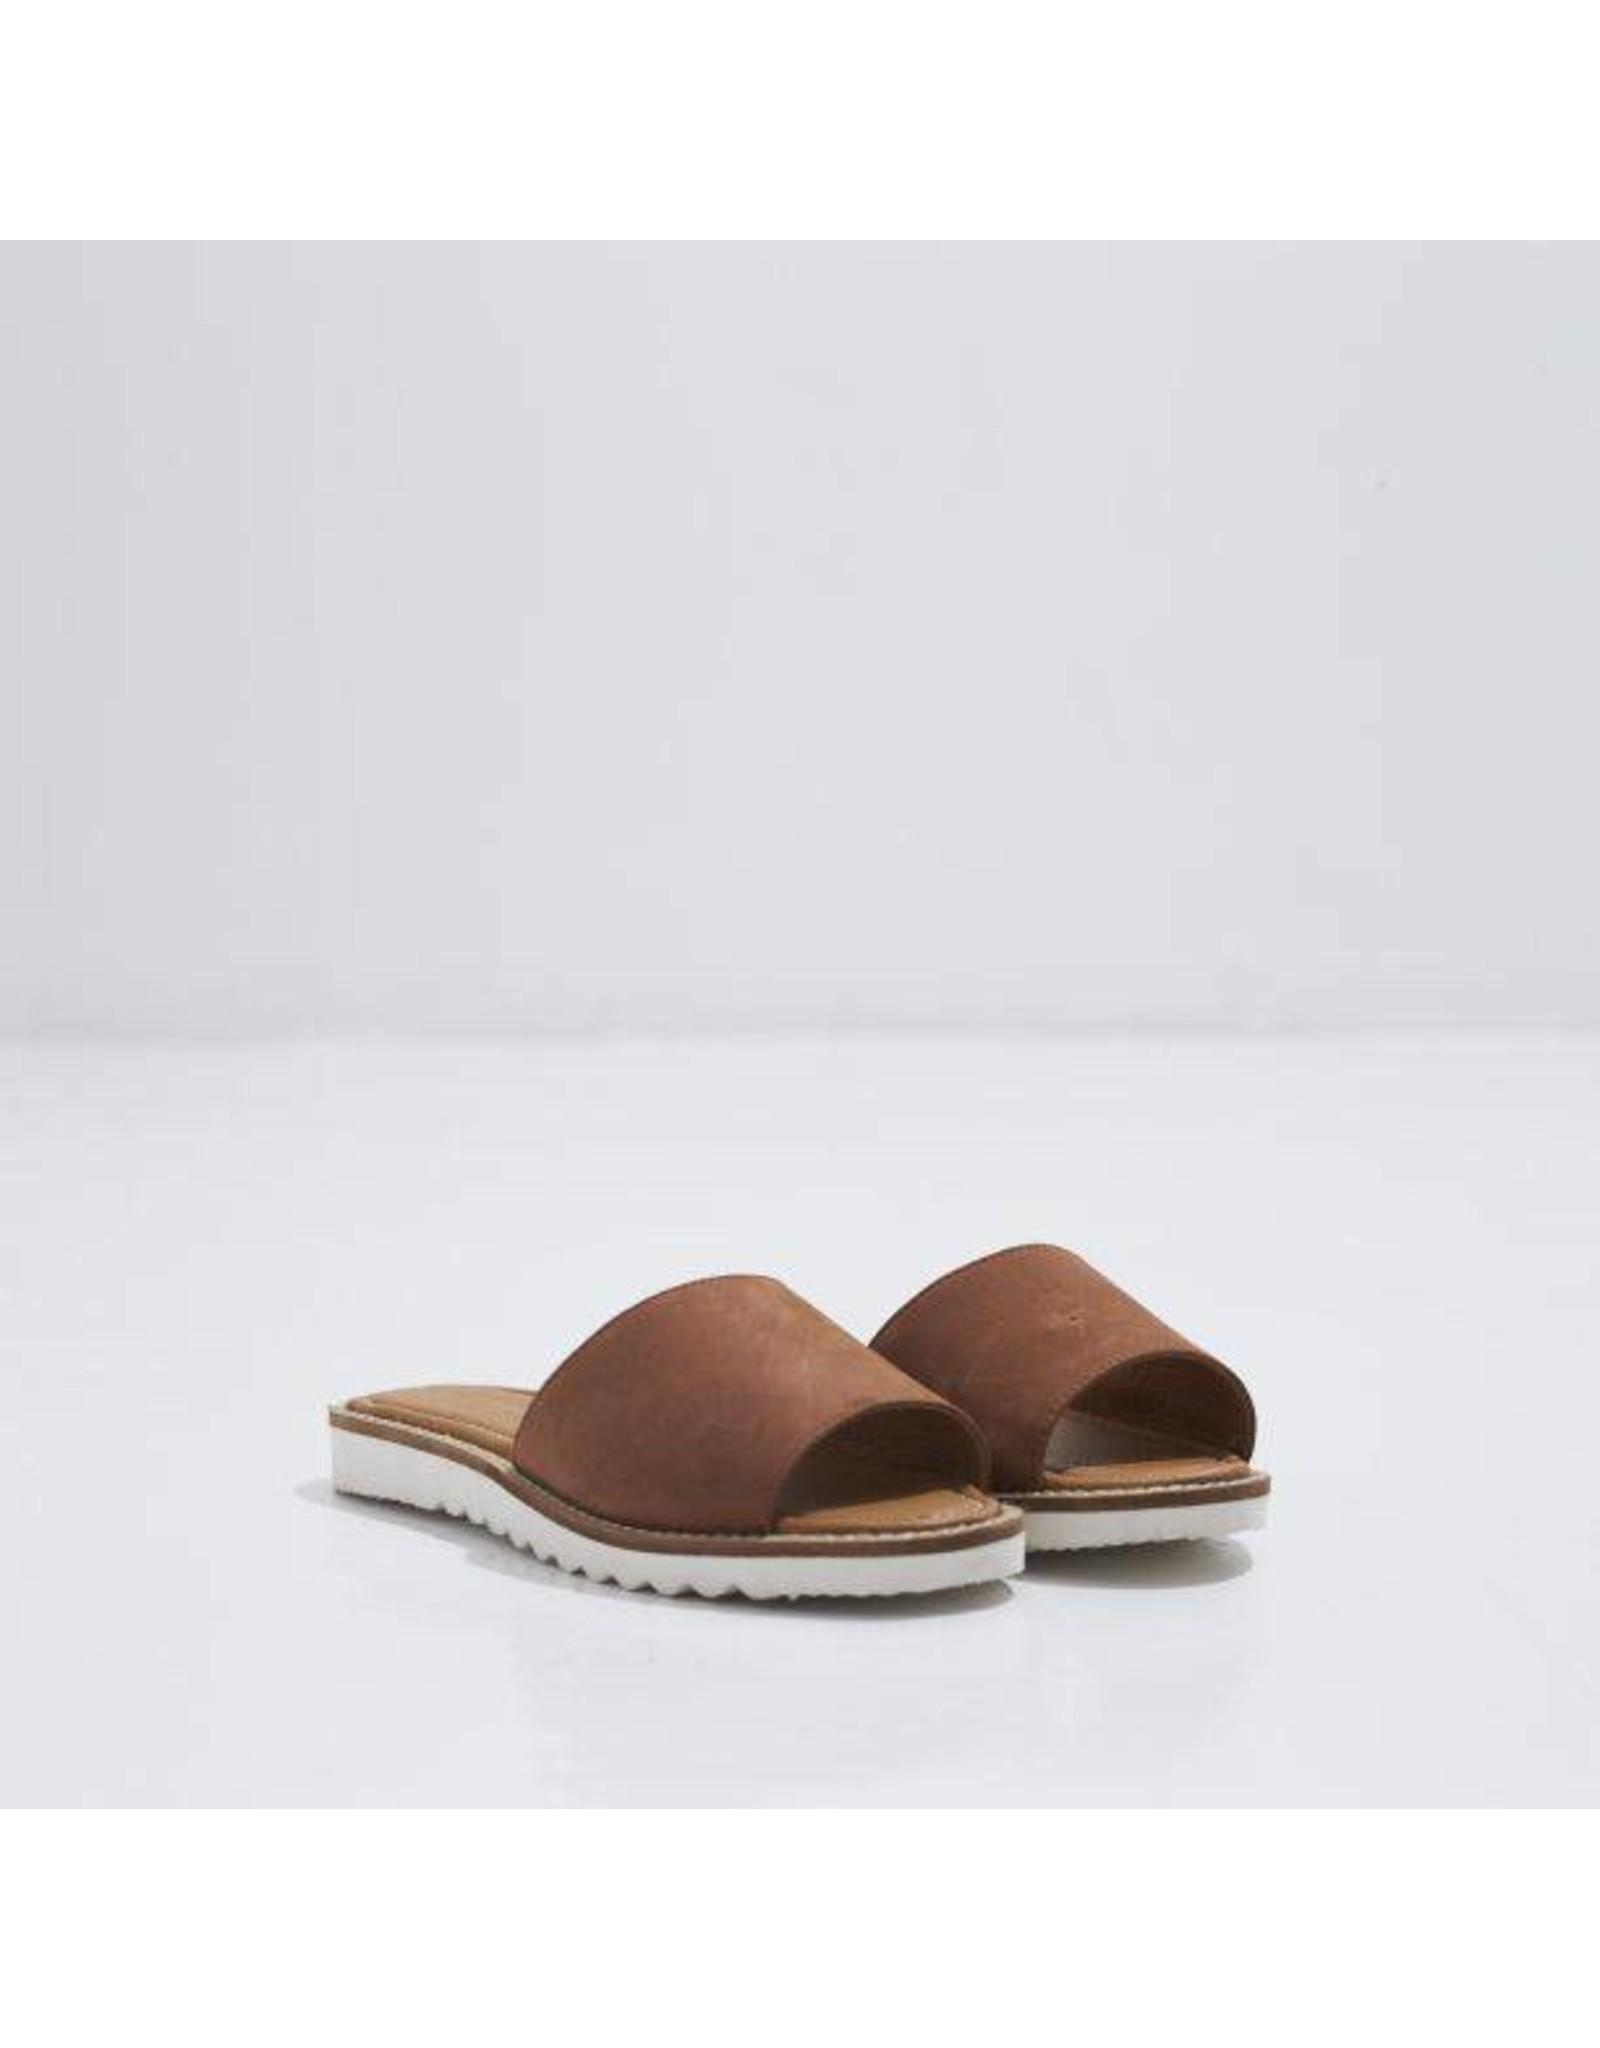 Ilse Jacobsen Misha Leather Slider